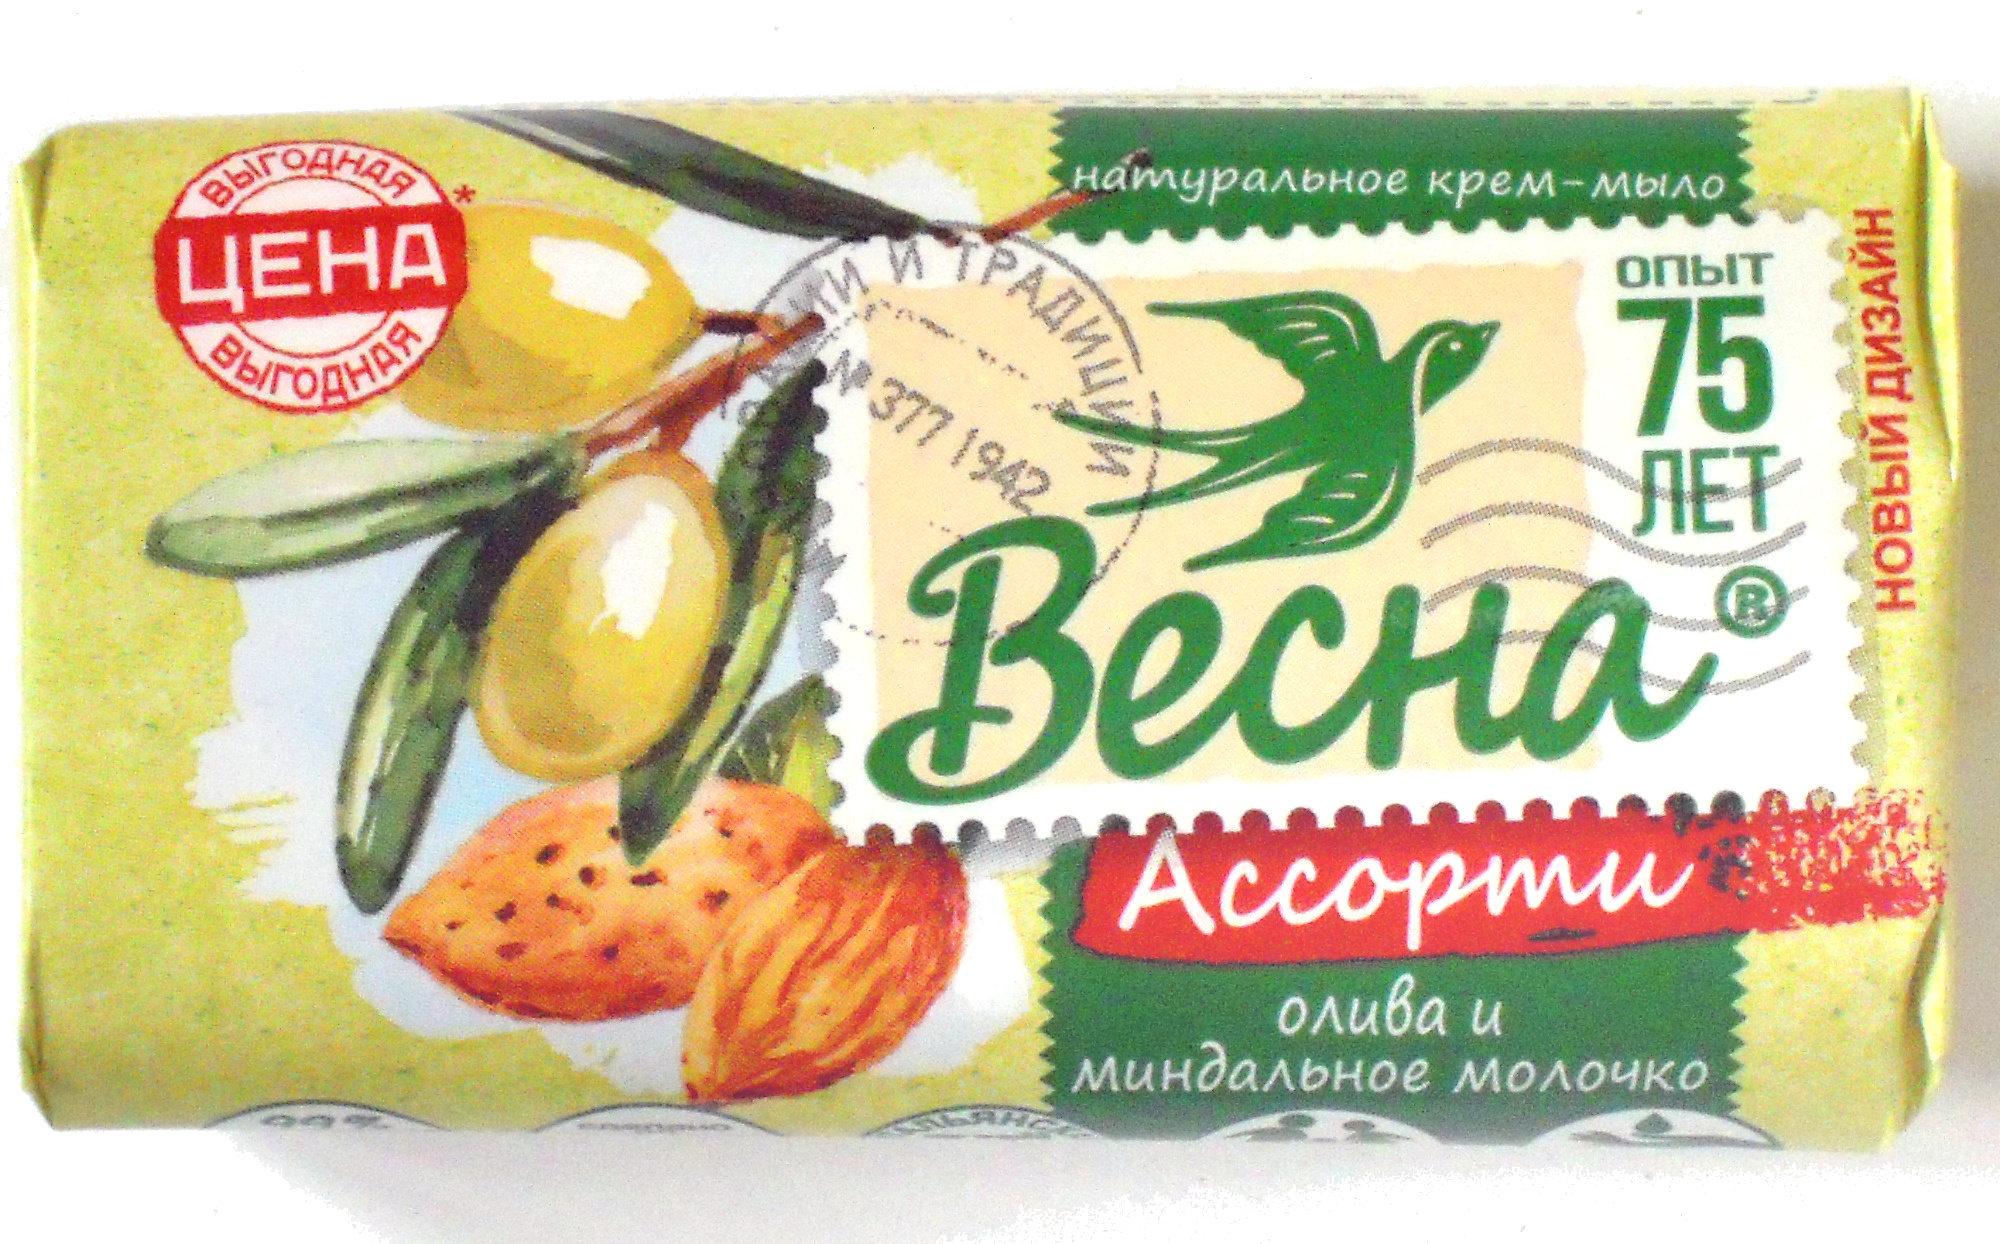 Туалетное крем-мыло «Весна Ассорти» олива и миндальное молочко - Product - ru